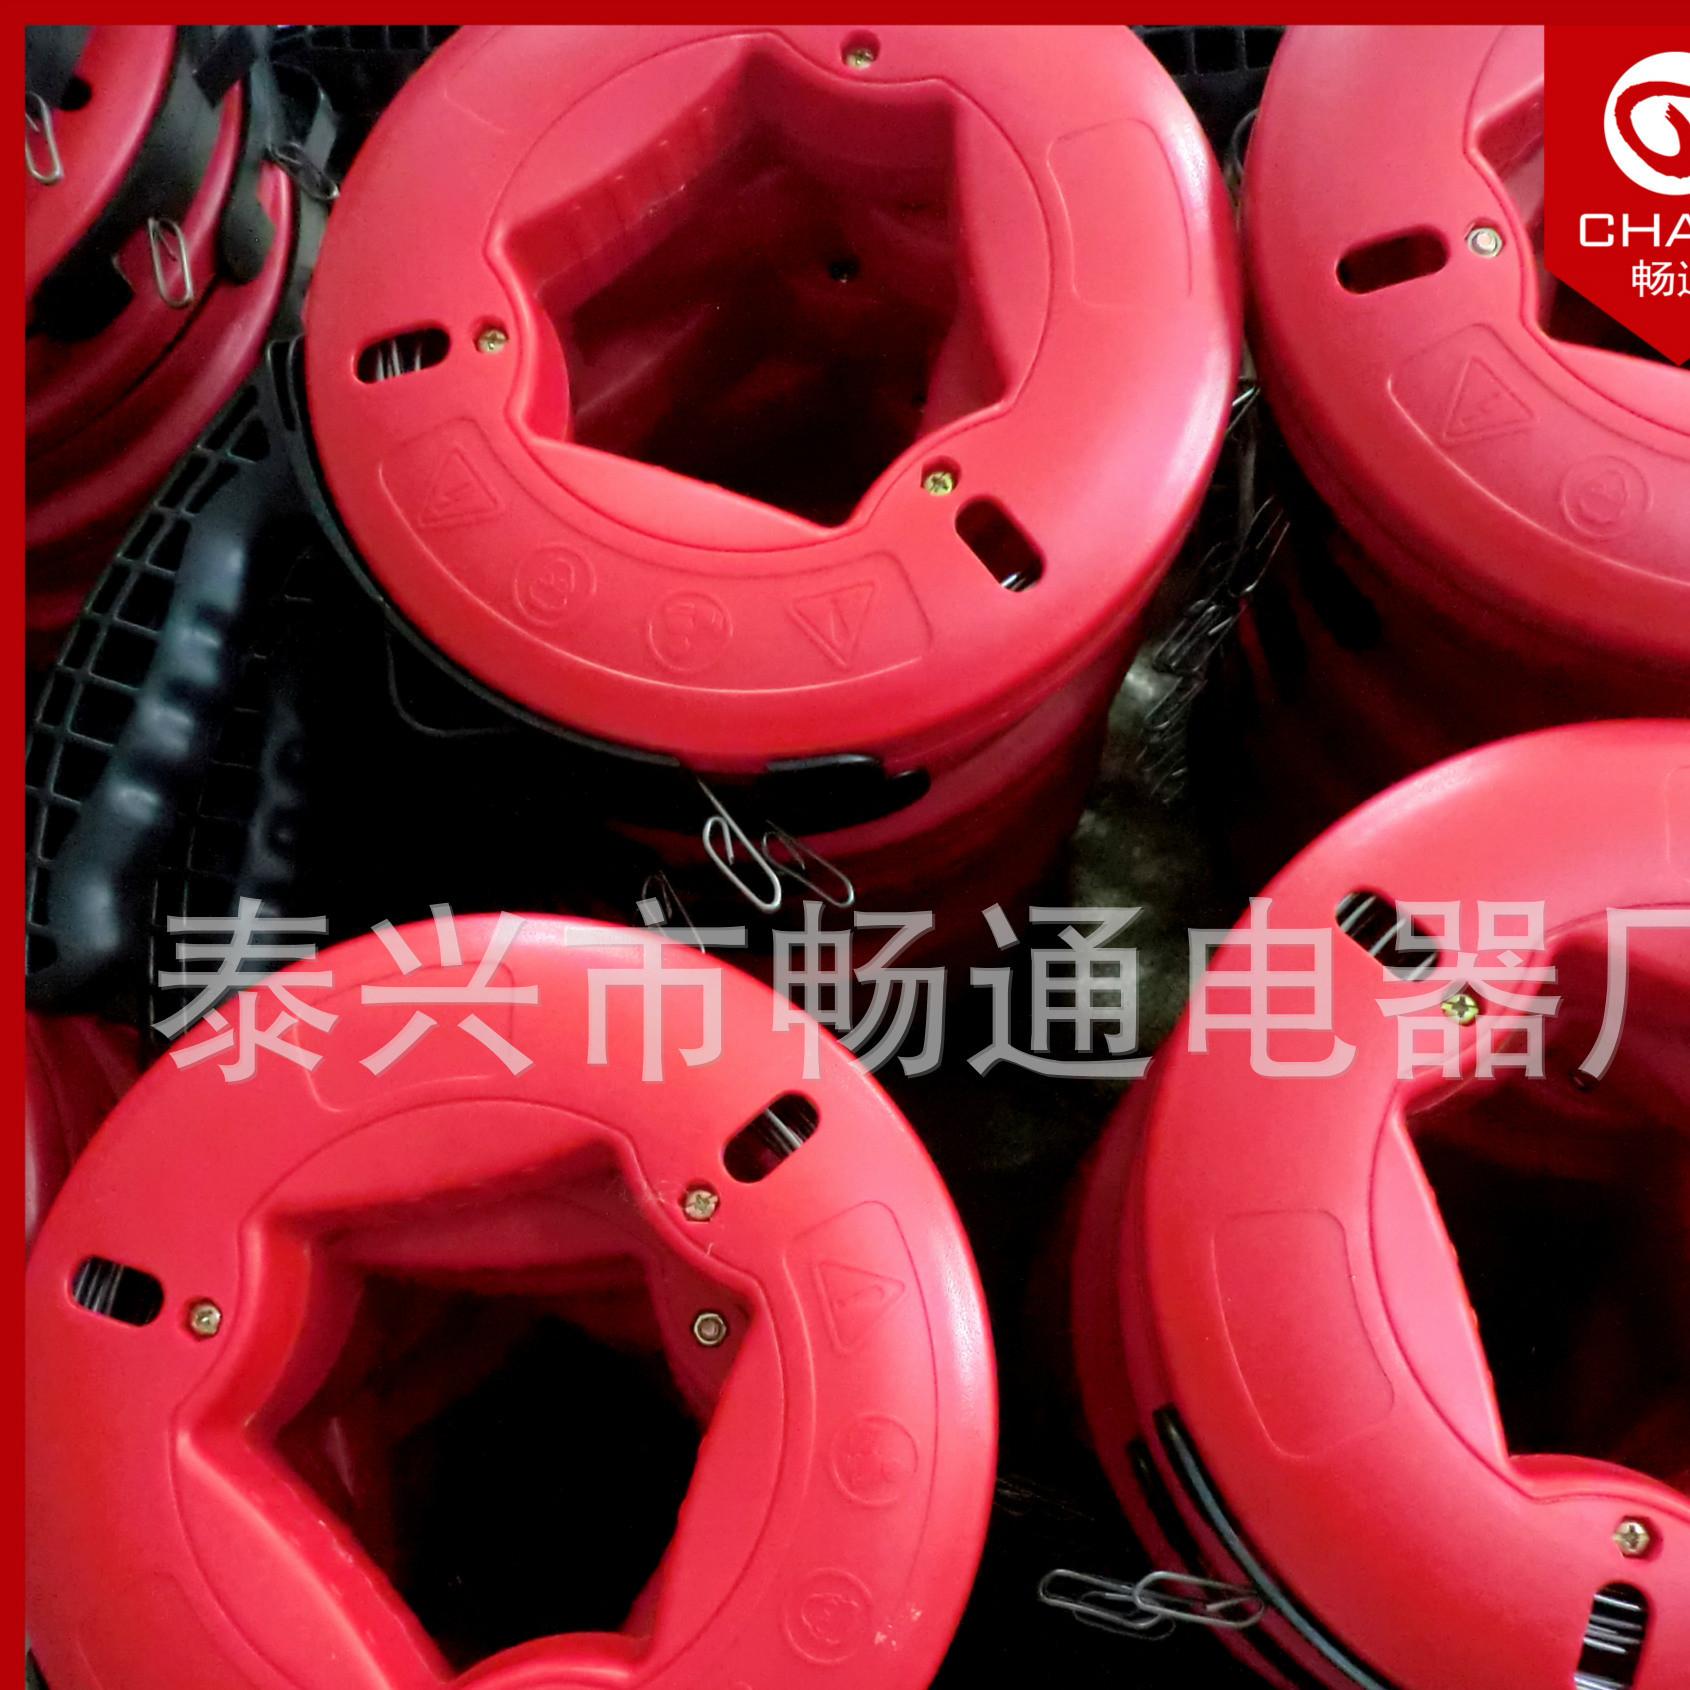 穿线器/红色塑料盘盒式扁钢丝穿墙线/鱼形拉线器/电工用具导线器